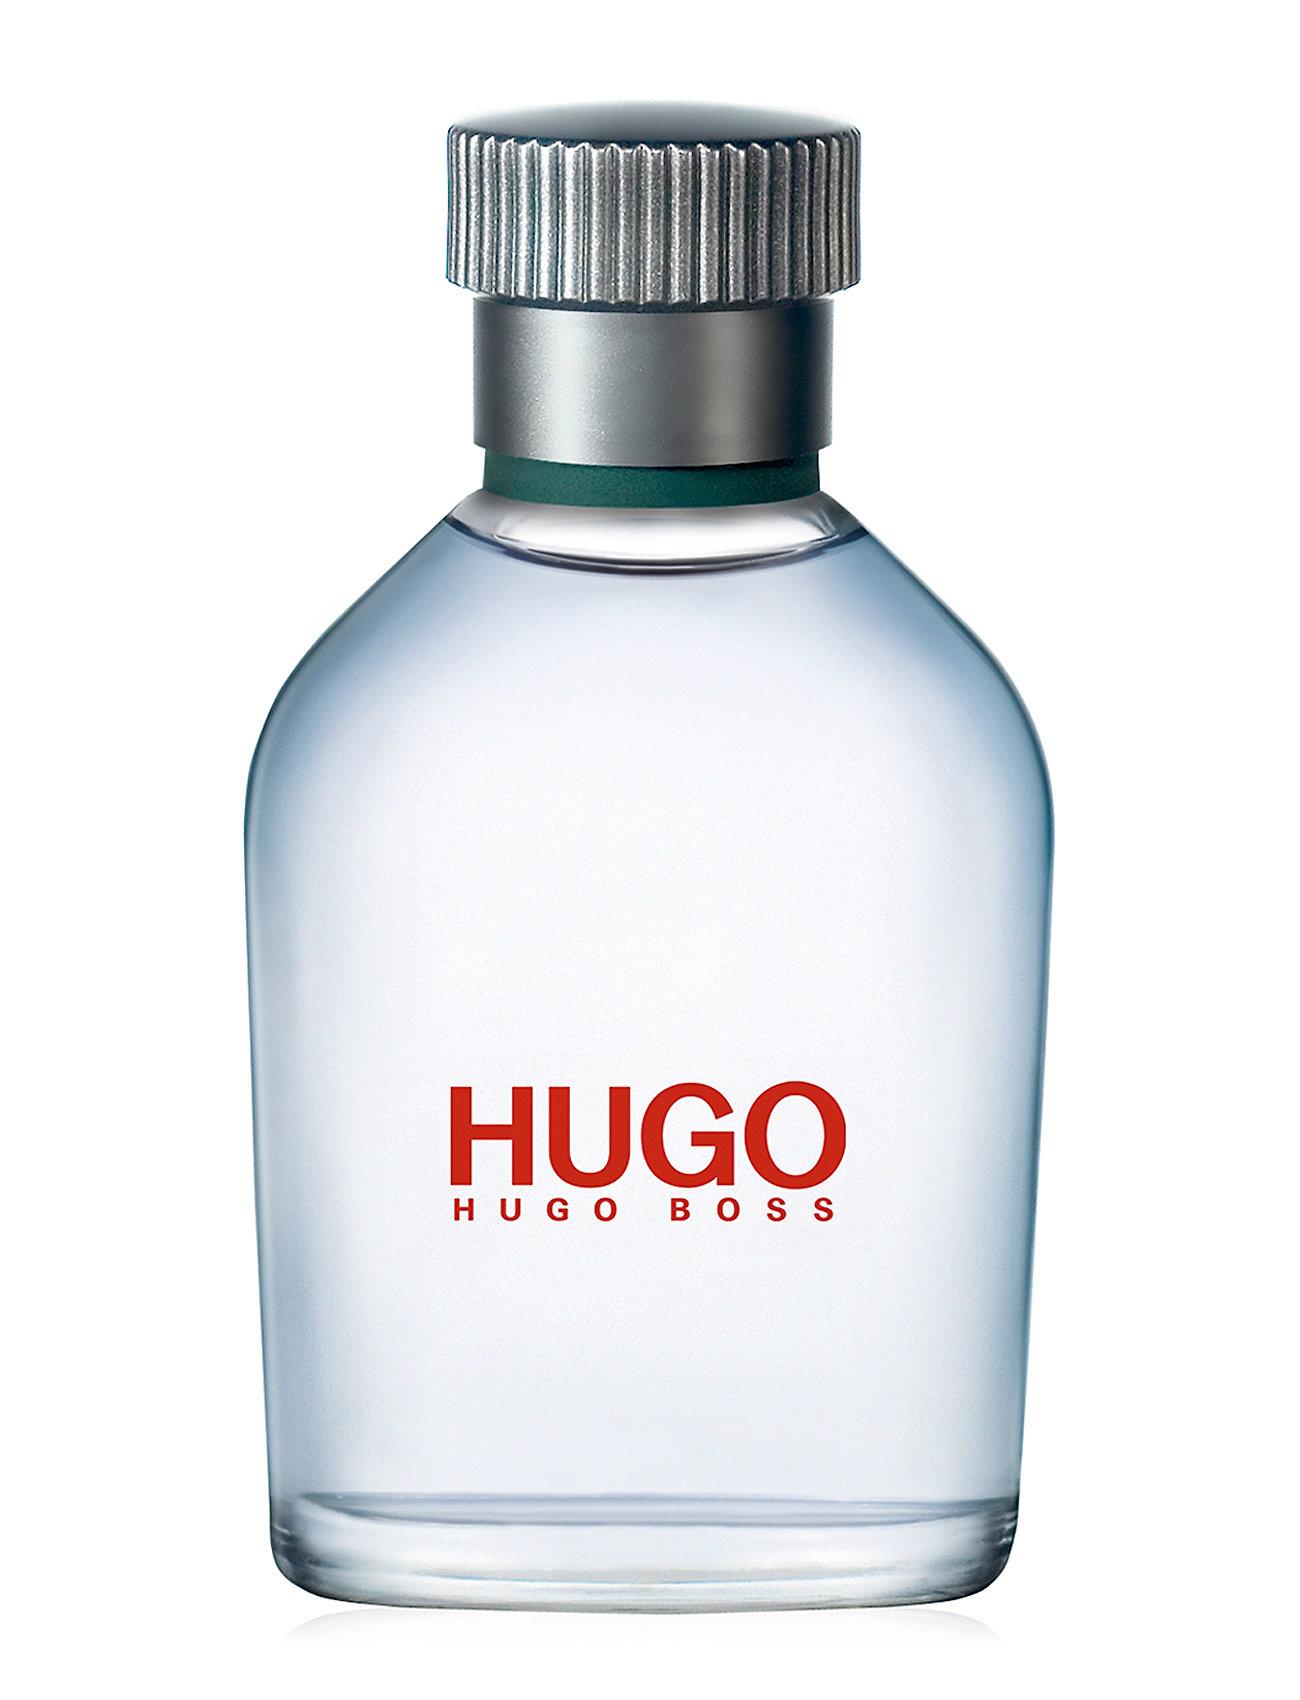 hugo boss fragrance – Hugo boss hugo man eau de toilette fra boozt.com dk